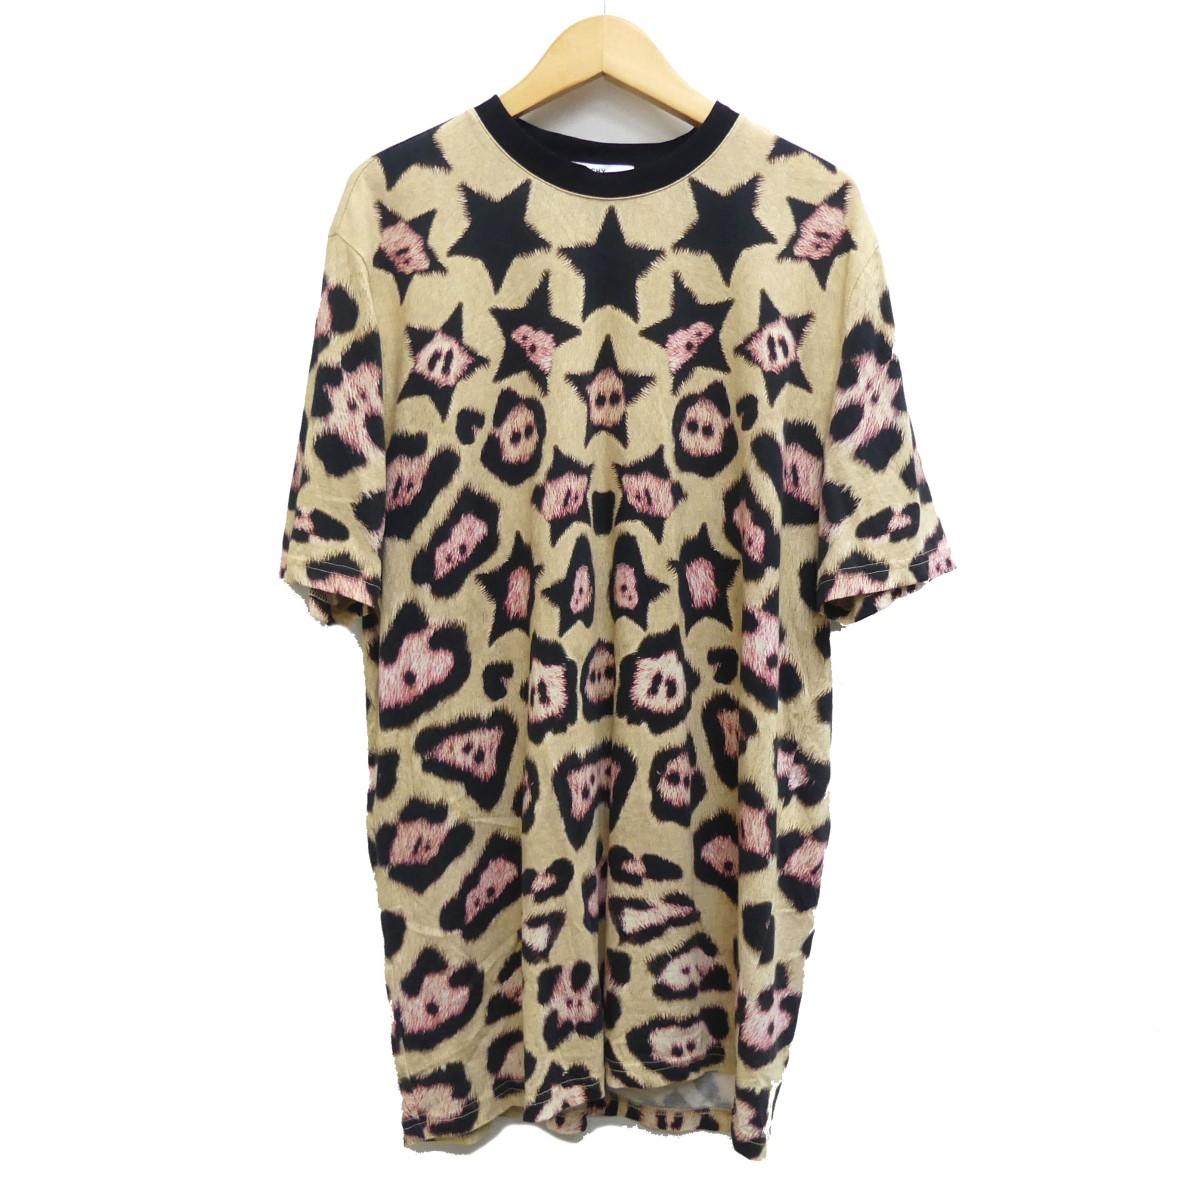 【中古】GIVENCHY レオパードスタープリントTシャツ ベージュ サイズ:XS 【060420】(ジバンシィ)